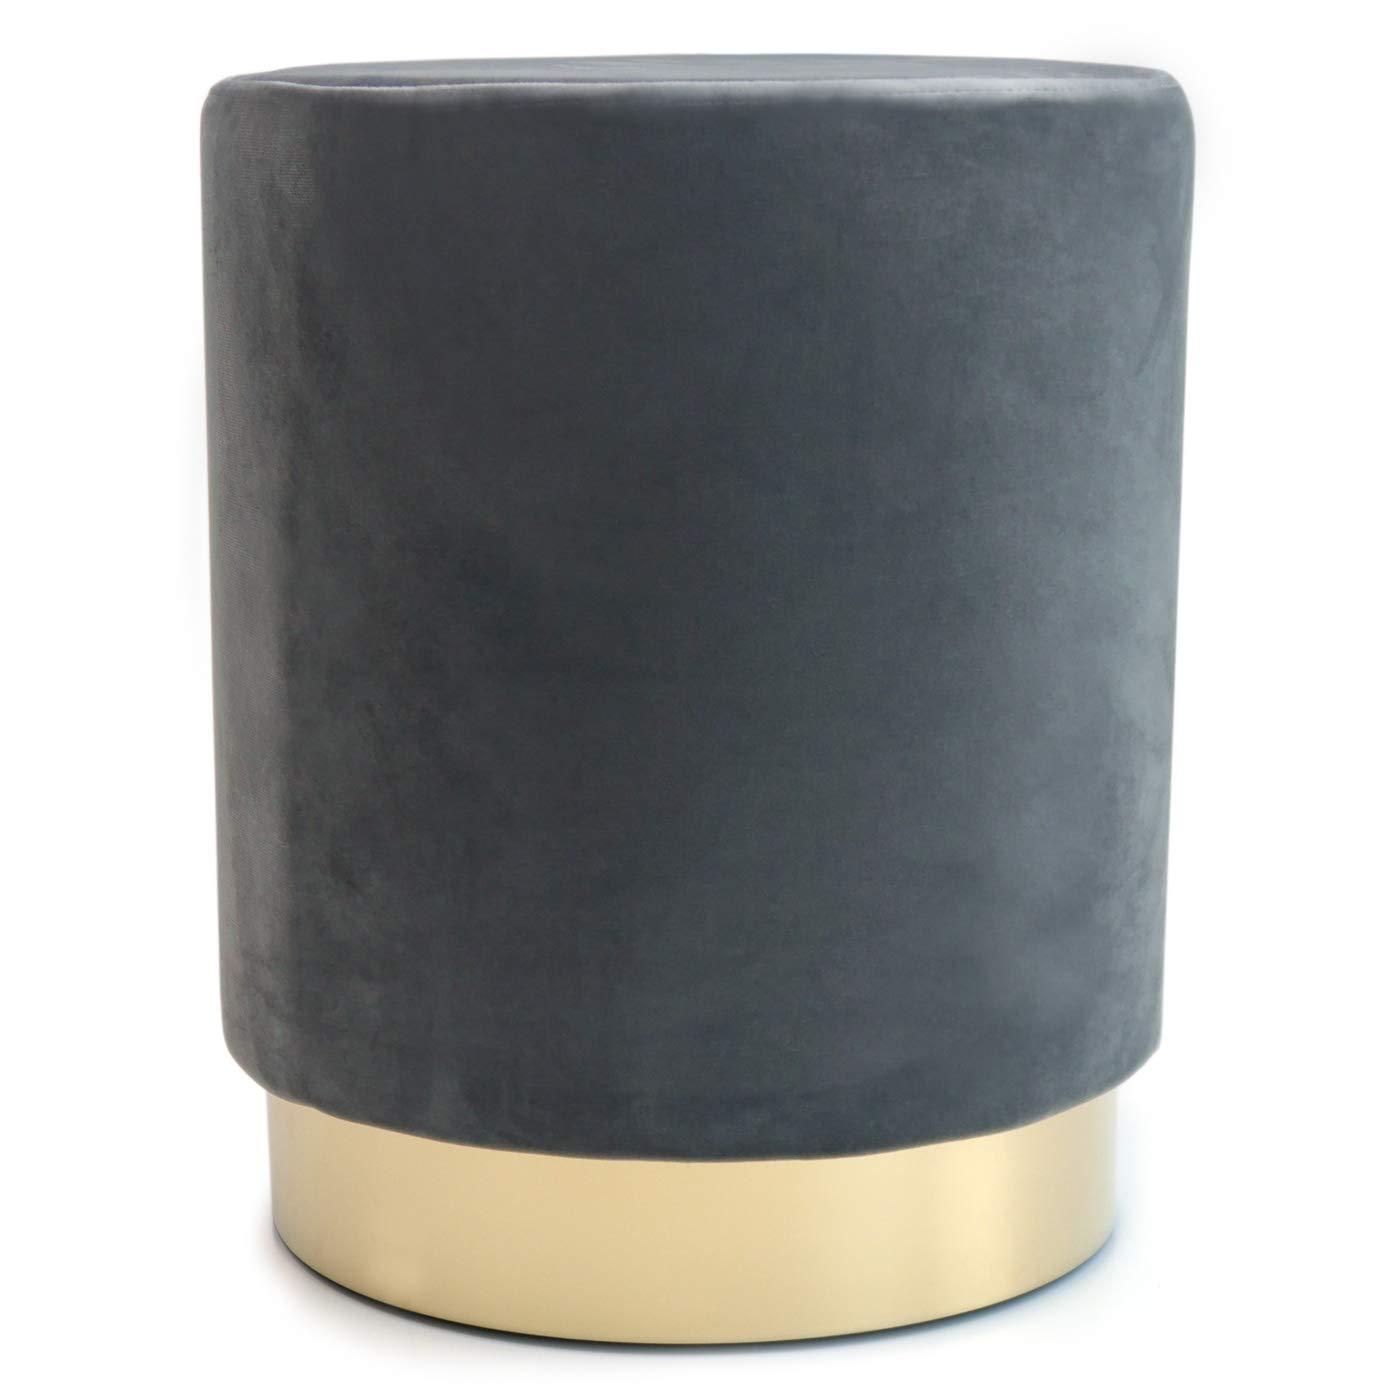 Werner Voss Samthocker Fußhocker Hocker 'SAMT' Polsterhocker grau Gold rund - Retro Design - Wohnzimmer Flur Möbel 42 cm